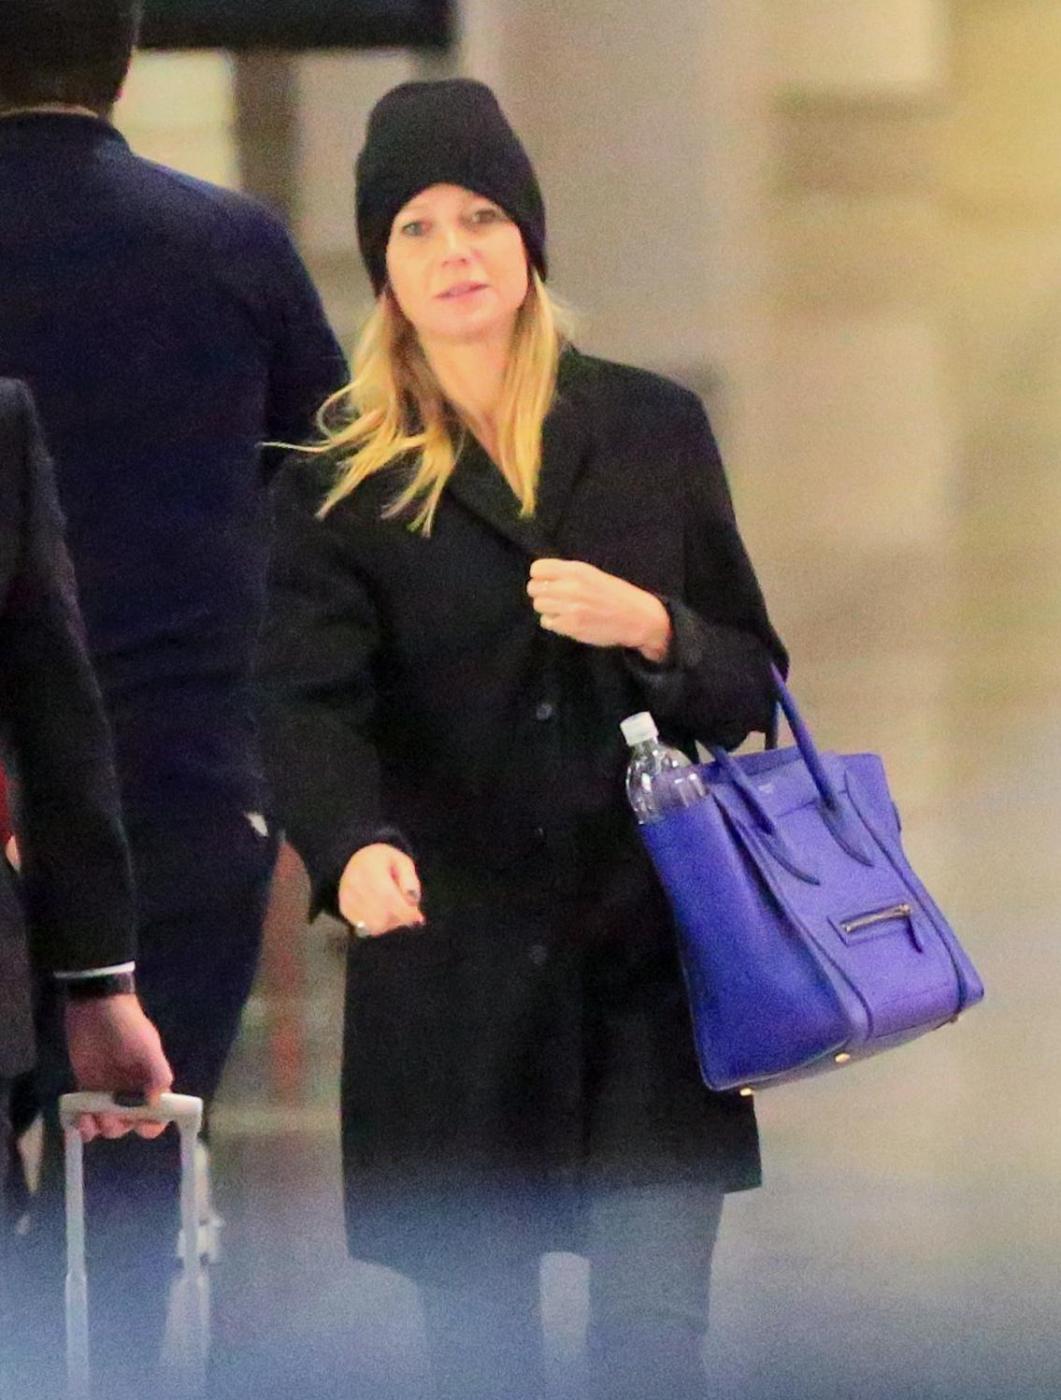 Gwyneth Paltrow senza trucco all'aereoporto3